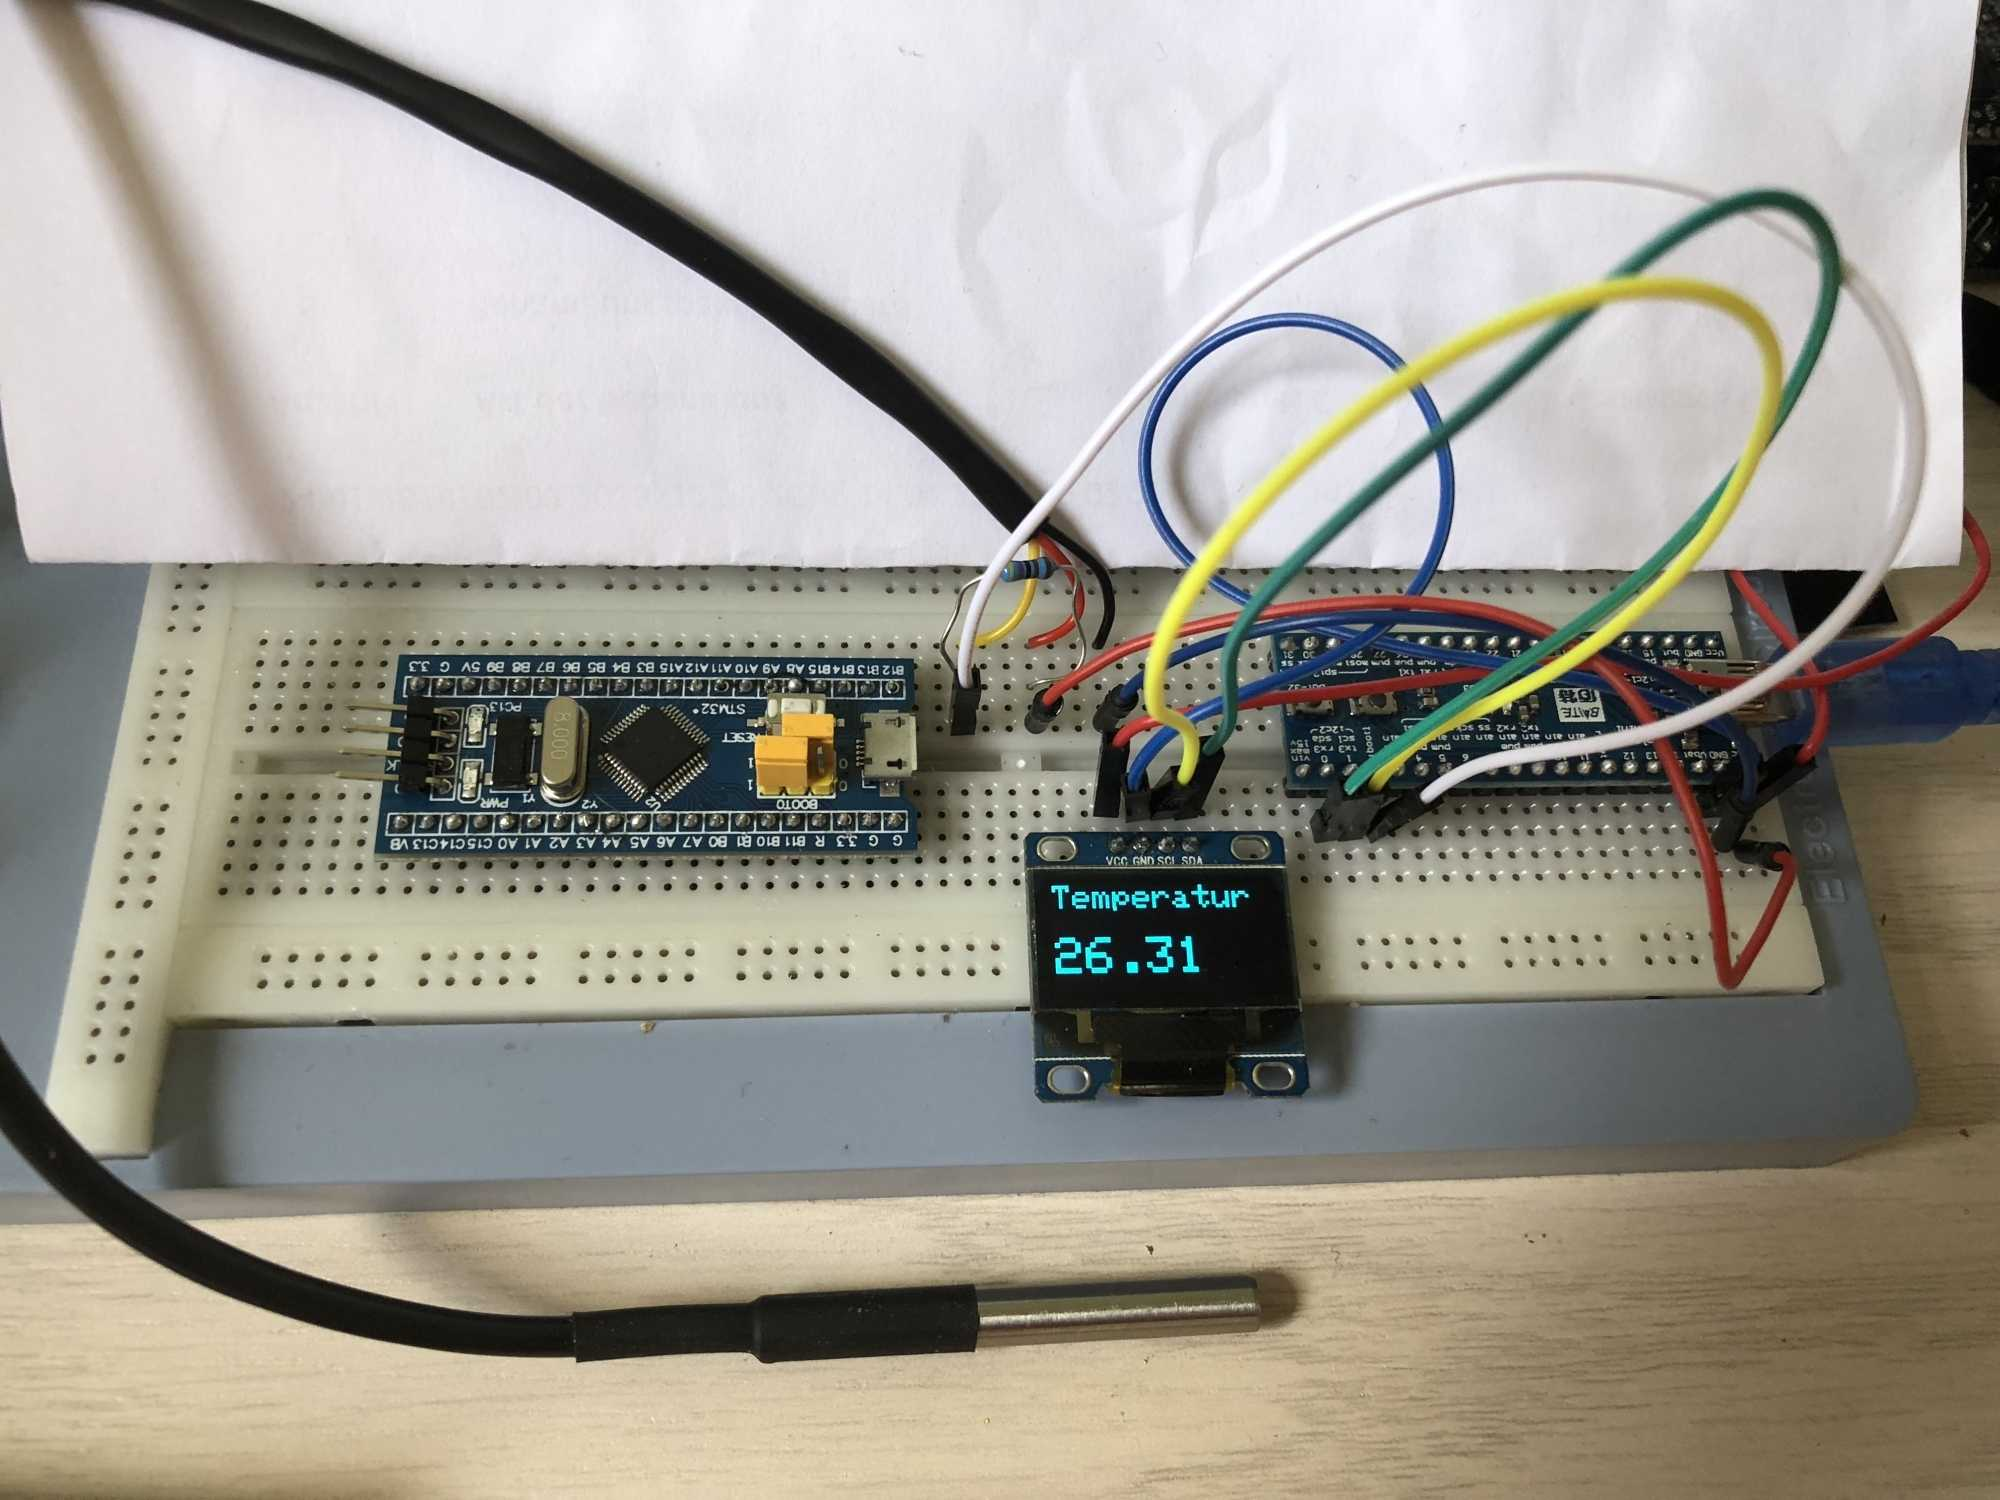 Das laufende System auf Basis des Maple Mini von Baite mit Temperatursensor und OLED-Display